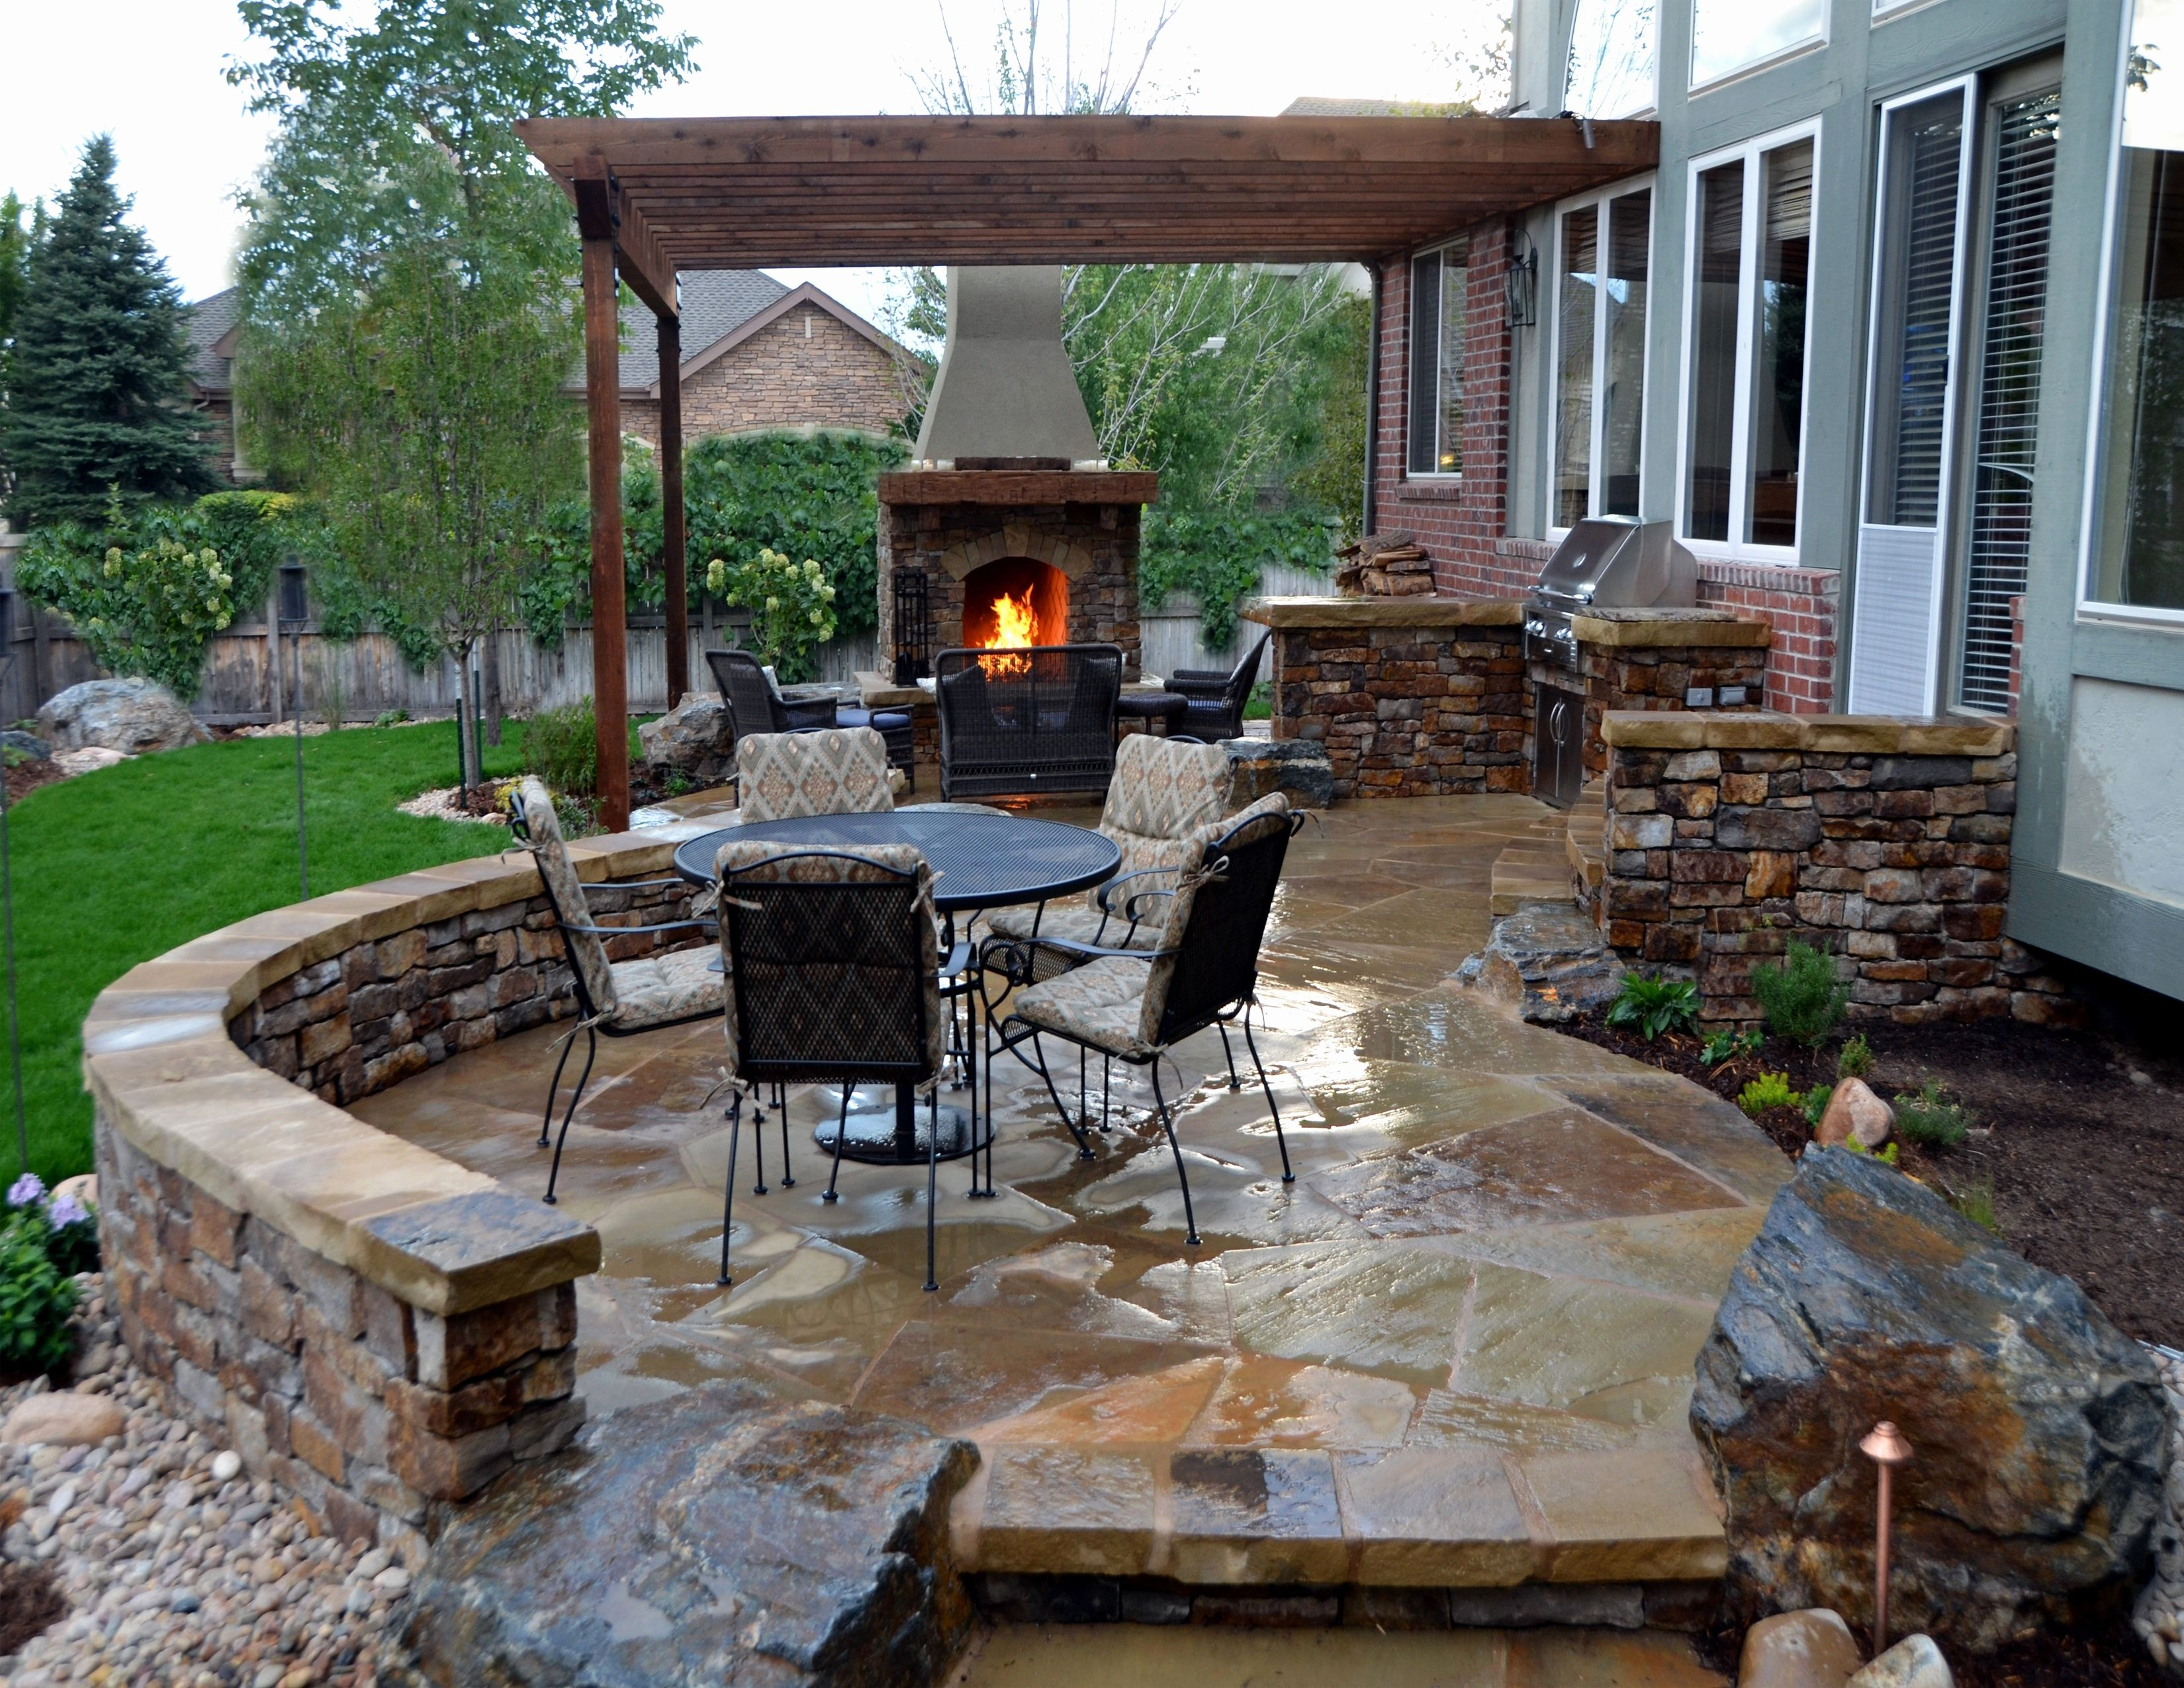 Backyard Brick Ideas Lovely Small Stone Patio Ideas Brick ... on Small Backyard Brick Patio Ideas id=20924